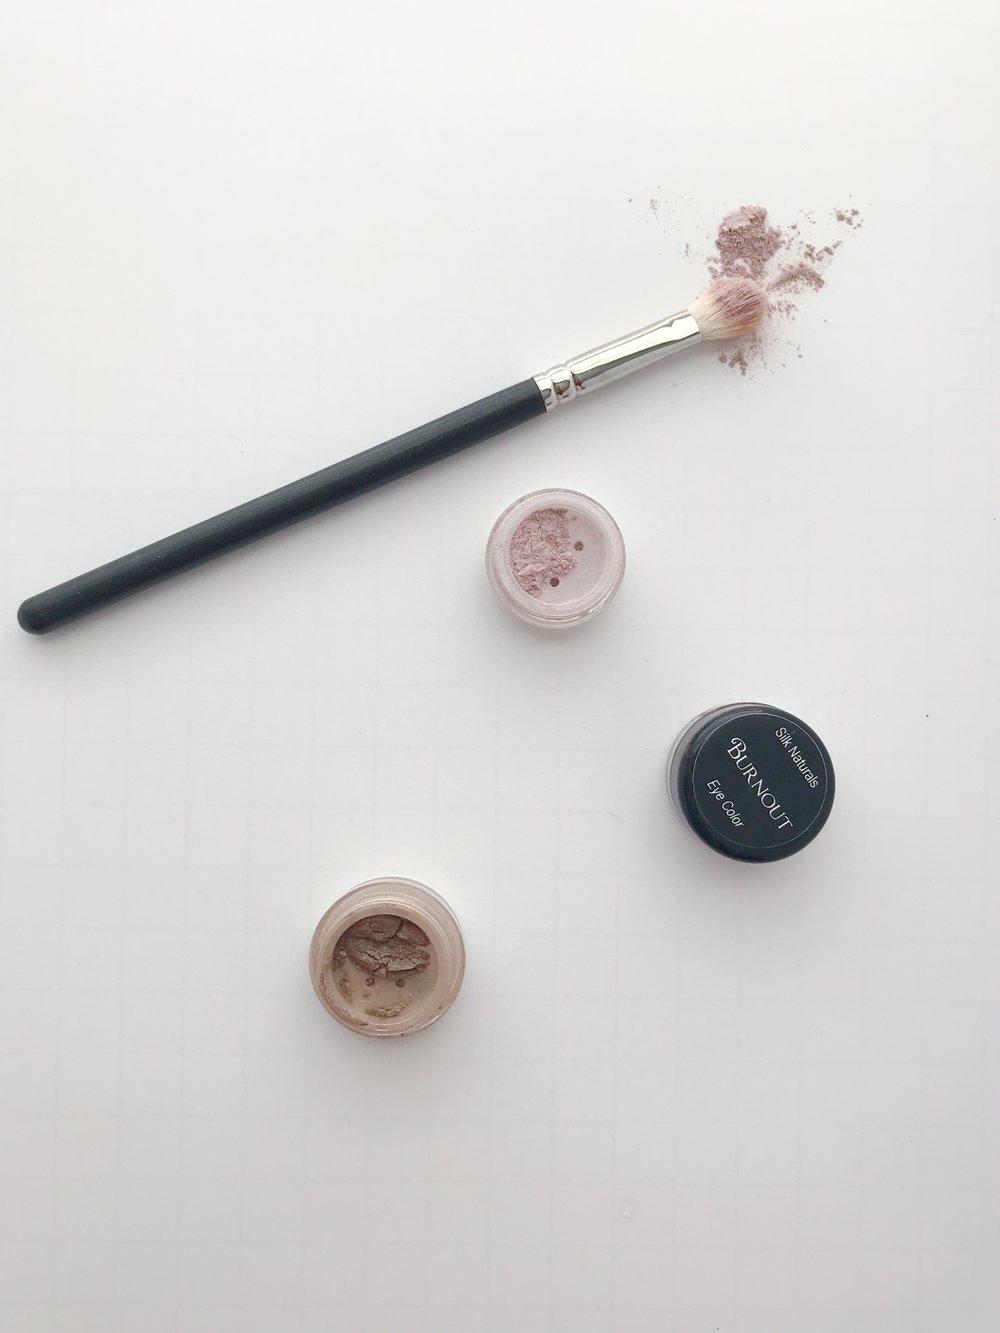 silk-naturals-natural-eyeshadow-review.JPG